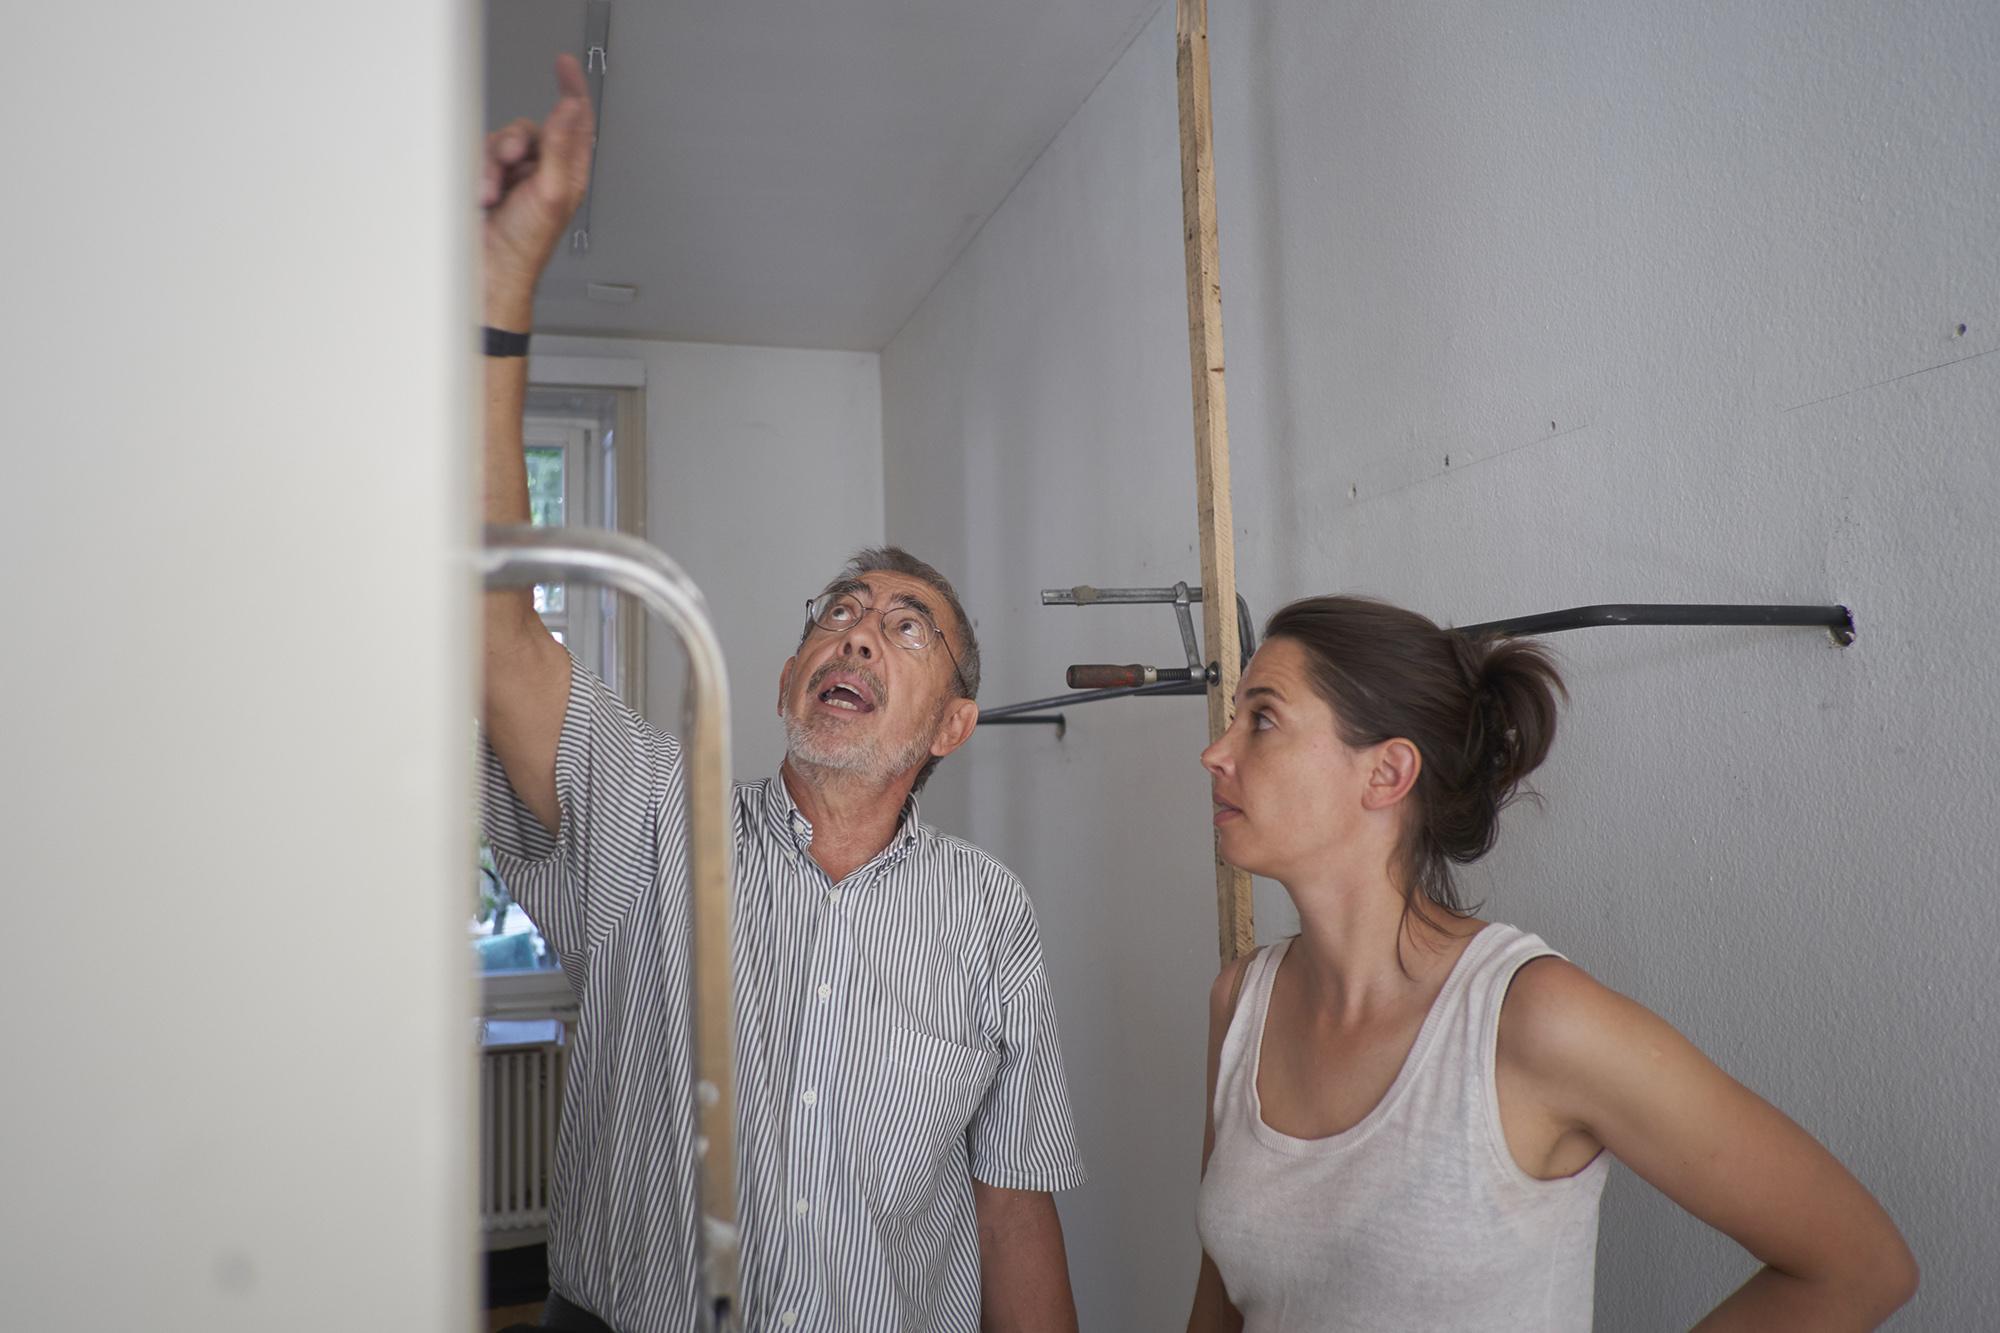 Komplett-Umbau innert 10 Tagen: eine Herausforderung für Andrea Otto und ihre Handwerker.